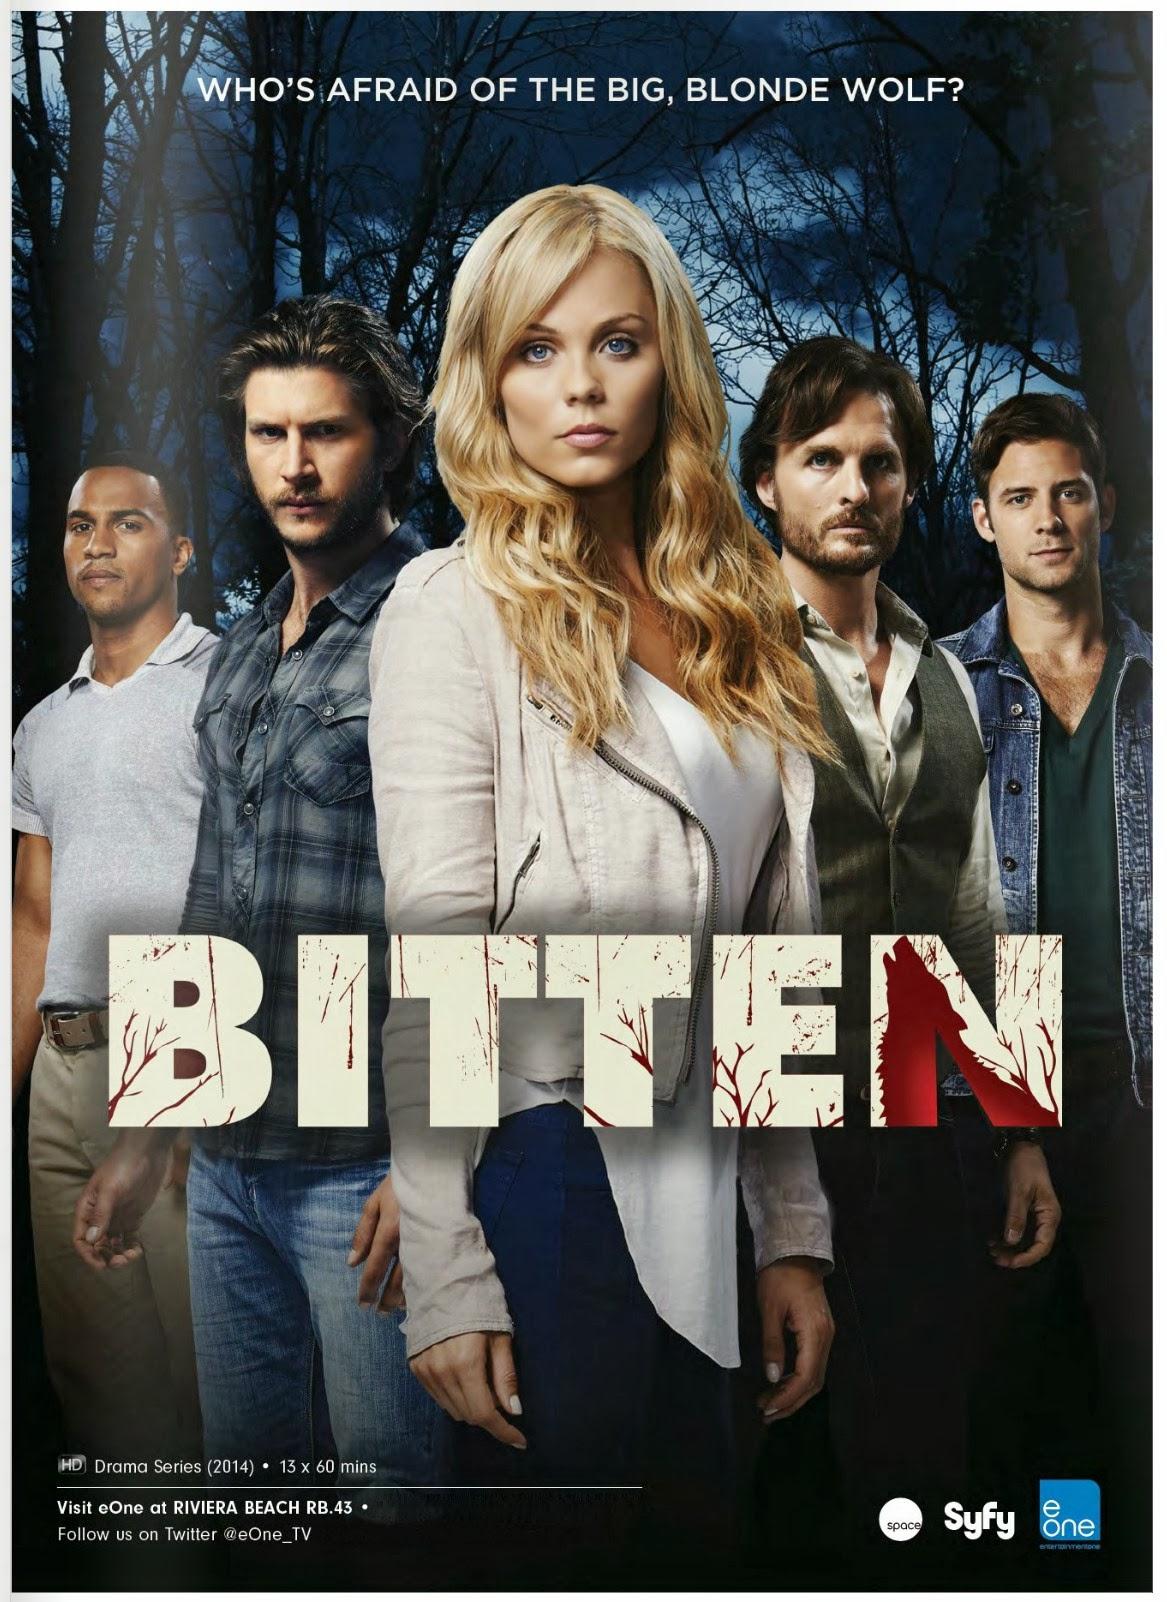 http://4.bp.blogspot.com/-IUALE7EiDQI/UlRPHFYFvfI/AAAAAAAAfhs/IpiBAeORoC4/s0/bitten+poster.jpg